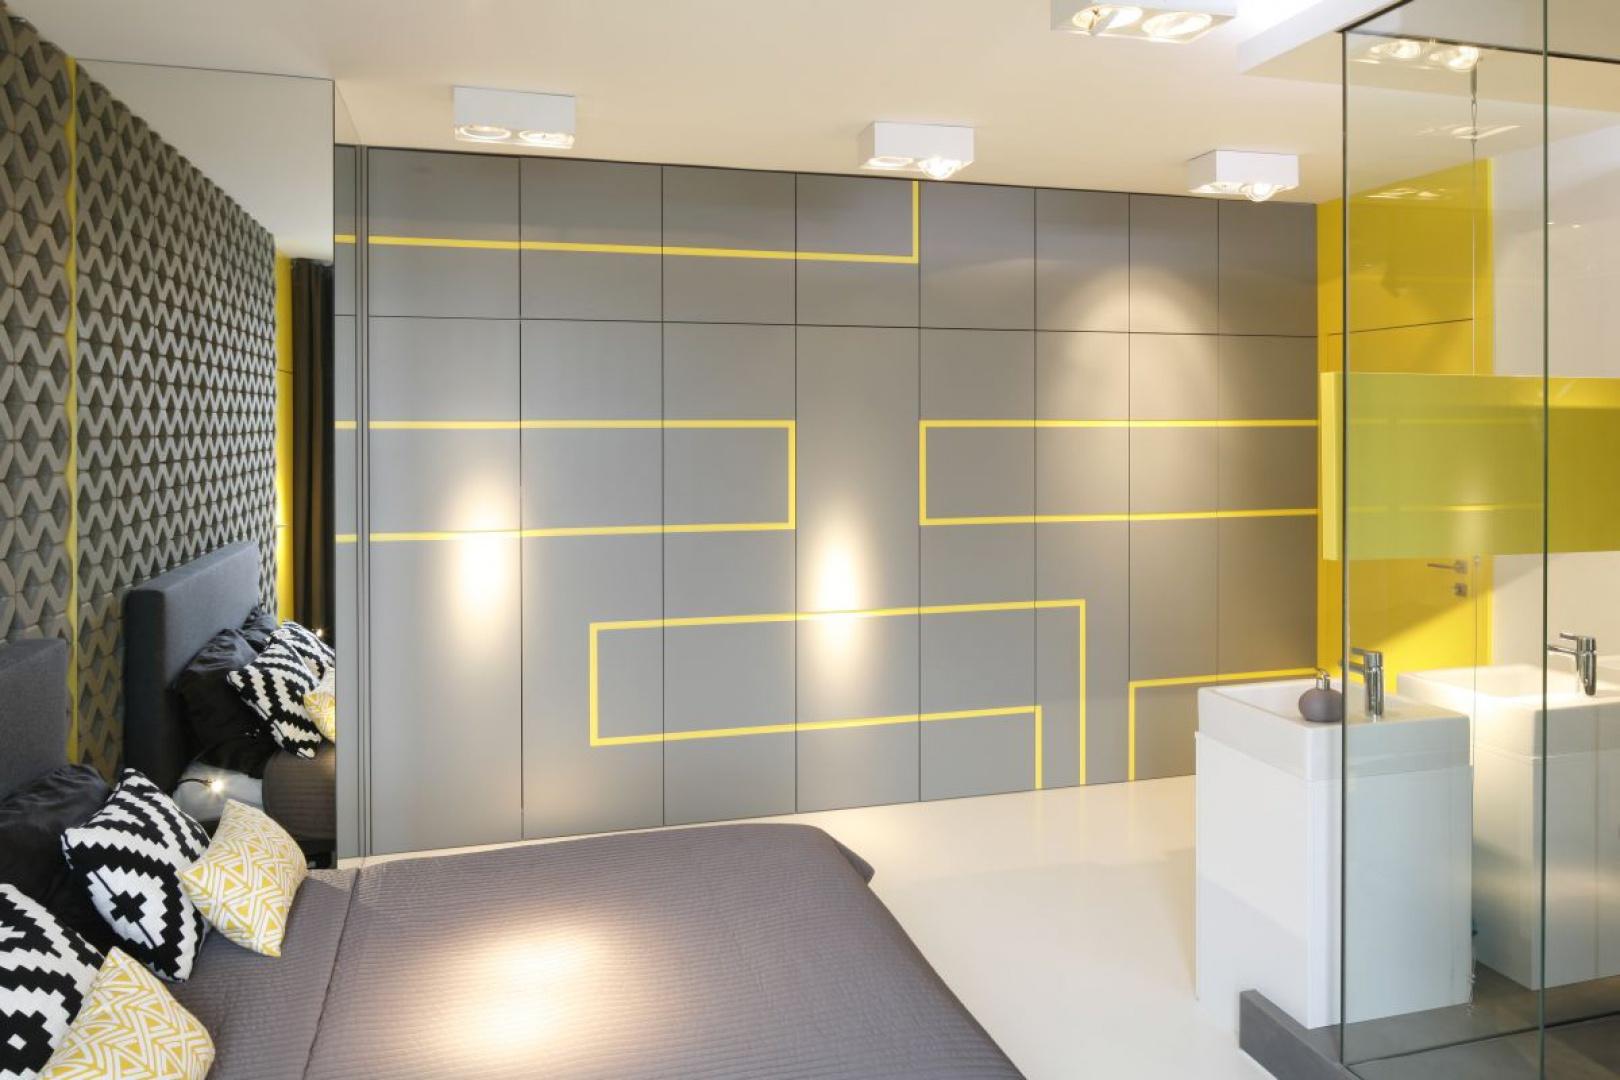 Na dużej szarej szafie projektanci umieścili żółte motywy w celu stworzenia harmonijnej całości. Proj. wnętrza Monika i Adam Bronikowscy, Hola Design. Fot. Bartosz Jarosz.